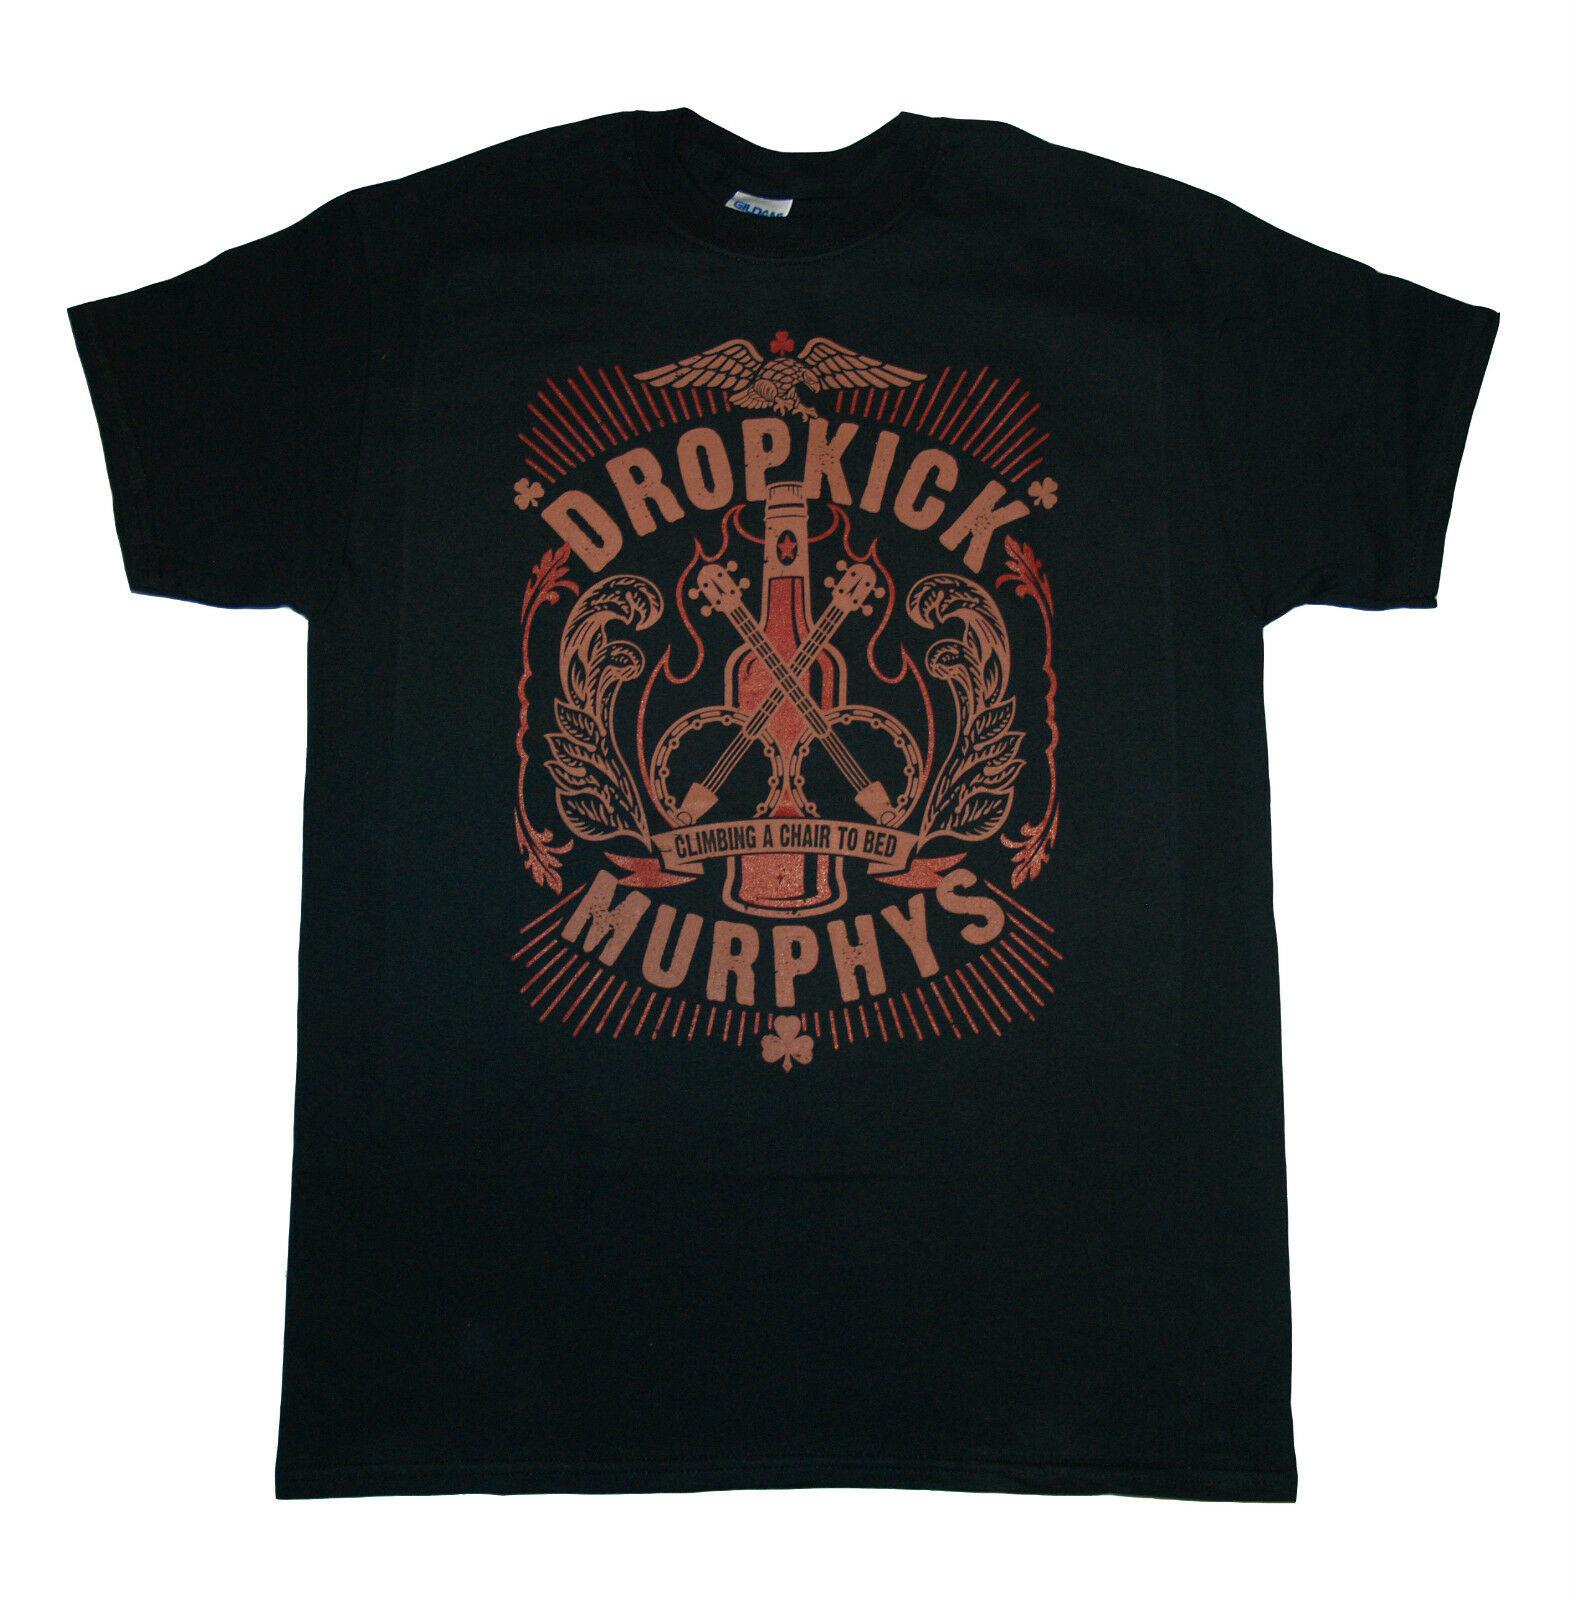 Authentic DROPKICK MURPHYS Vintage Skeleton Piper T-Shirt S M L XL 2XL NEW